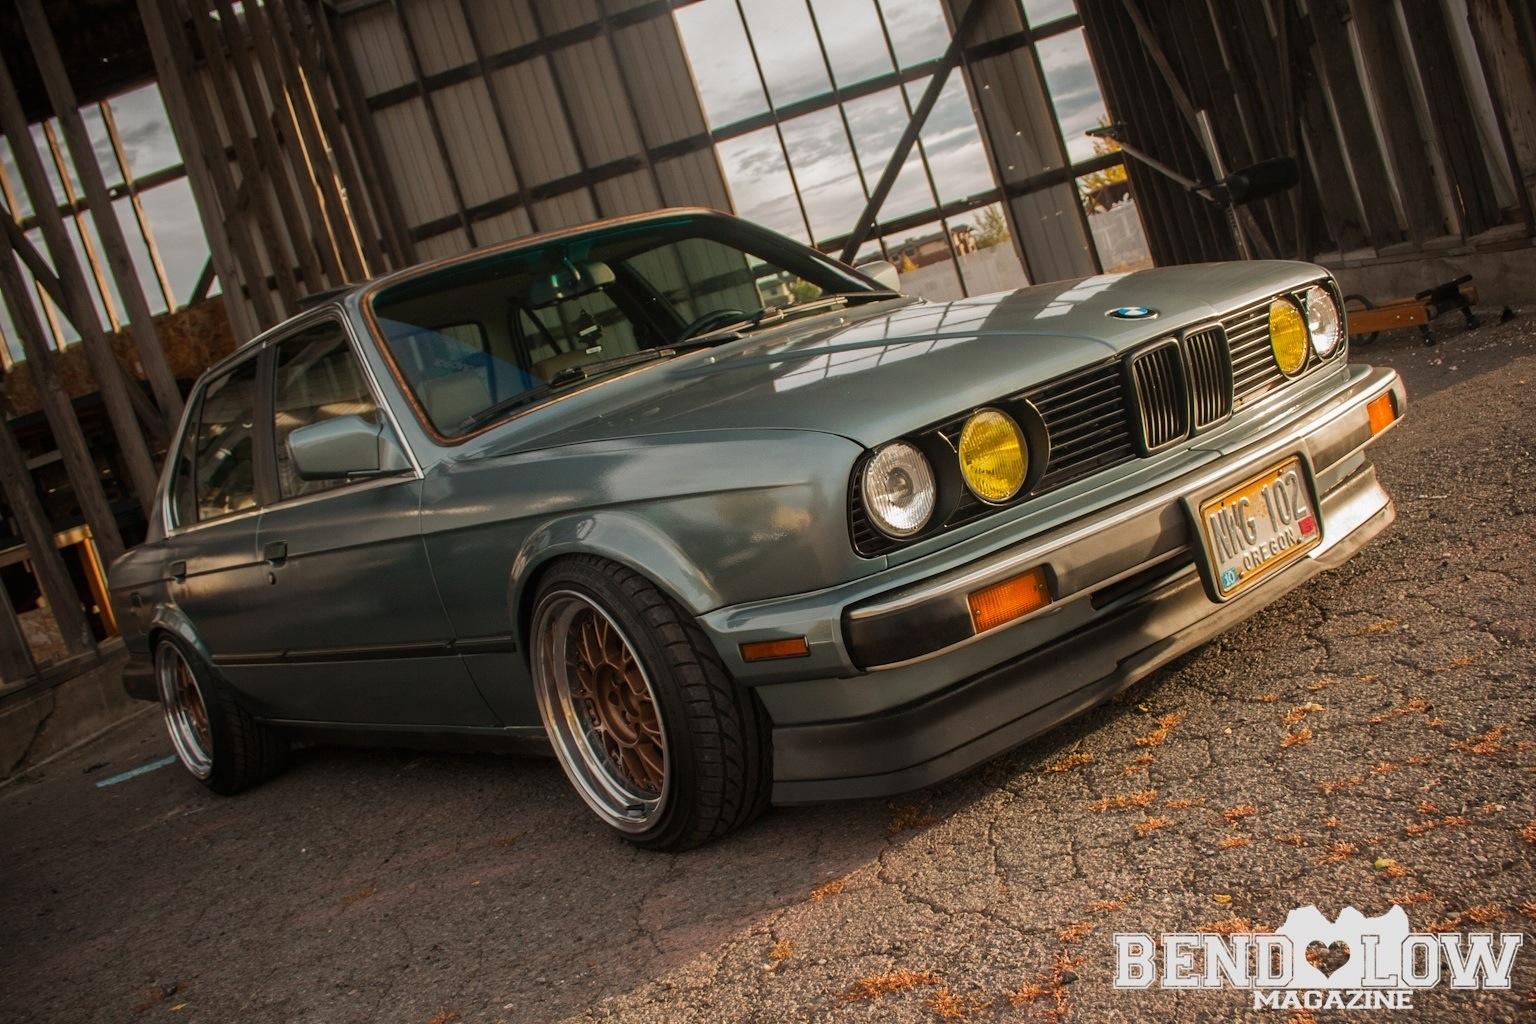 Stanced Bmw E30 Bend Low Magazine